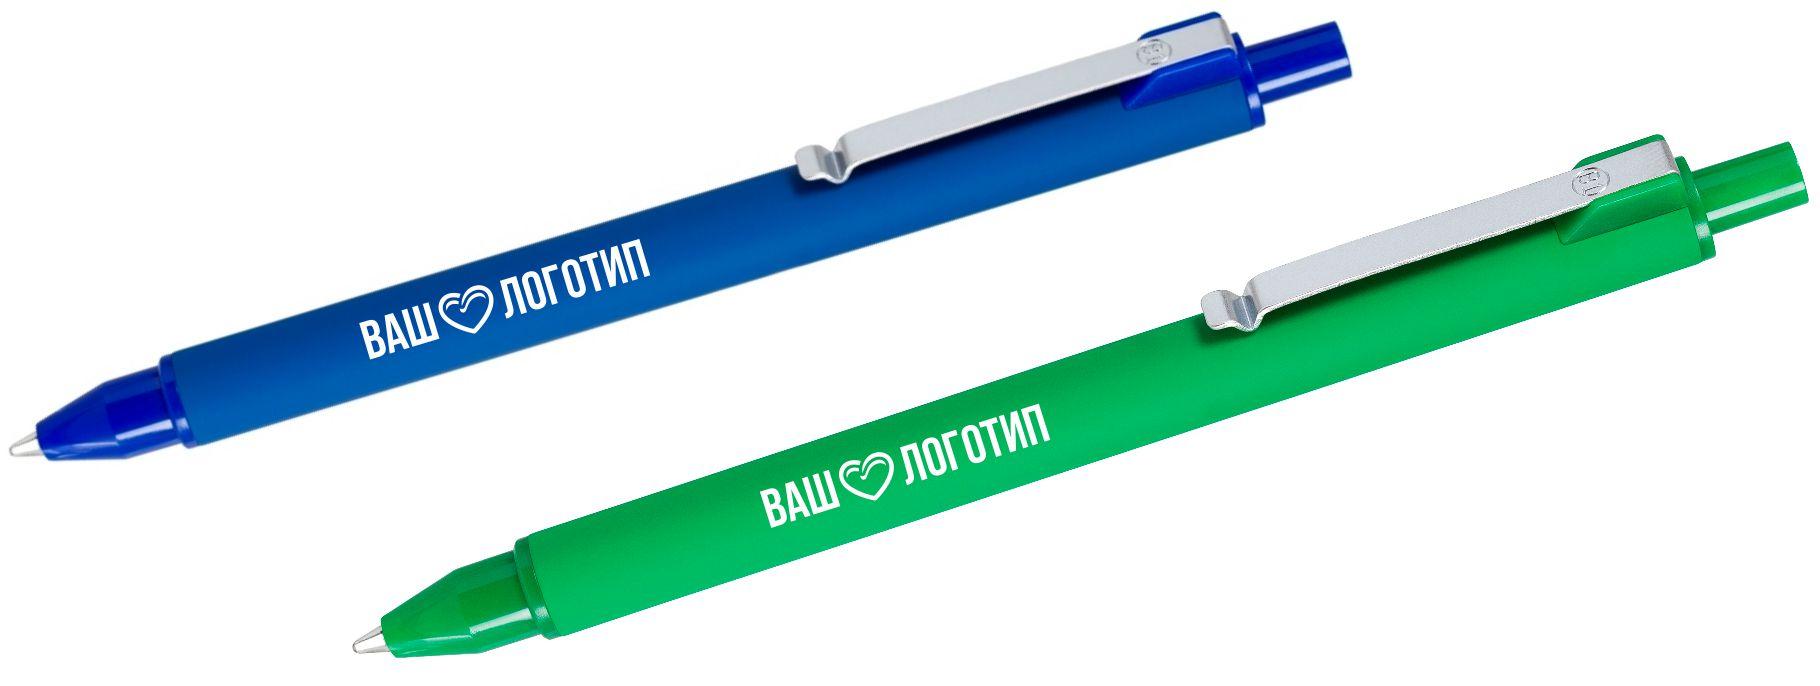 ручки с софт-тач покрытием